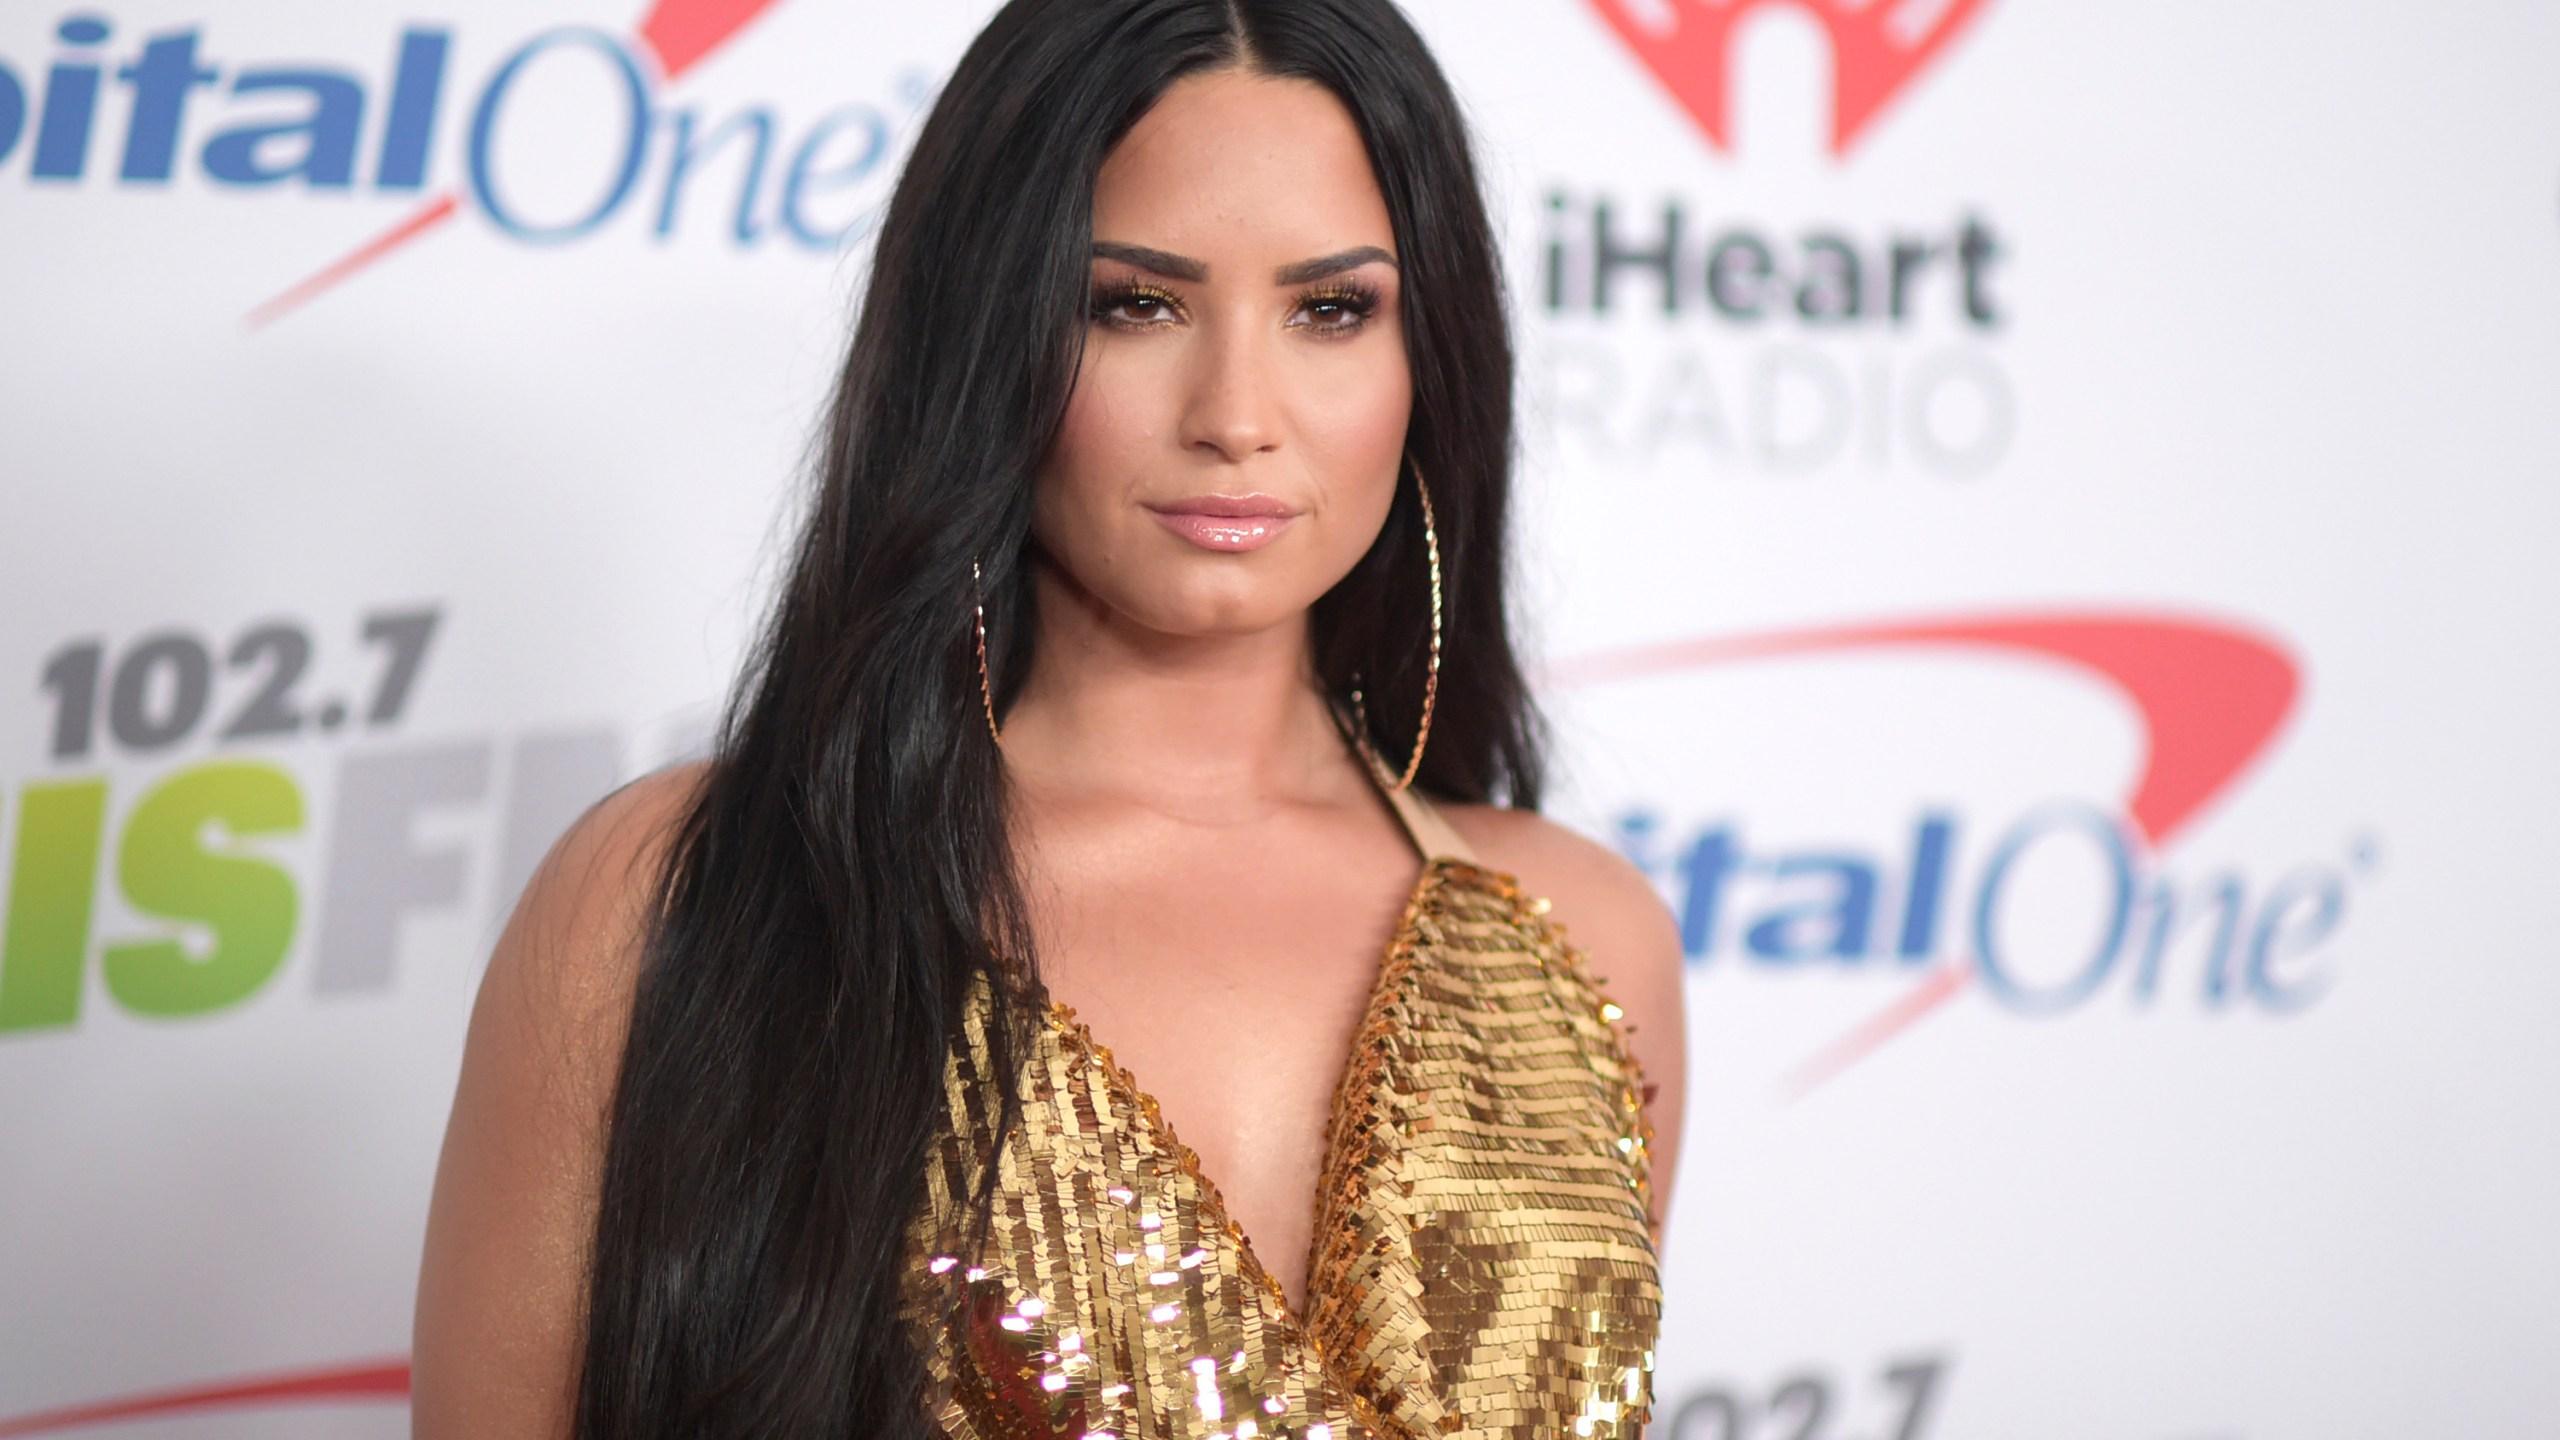 People_Demi_Lovato_16965-159532.jpg51832216